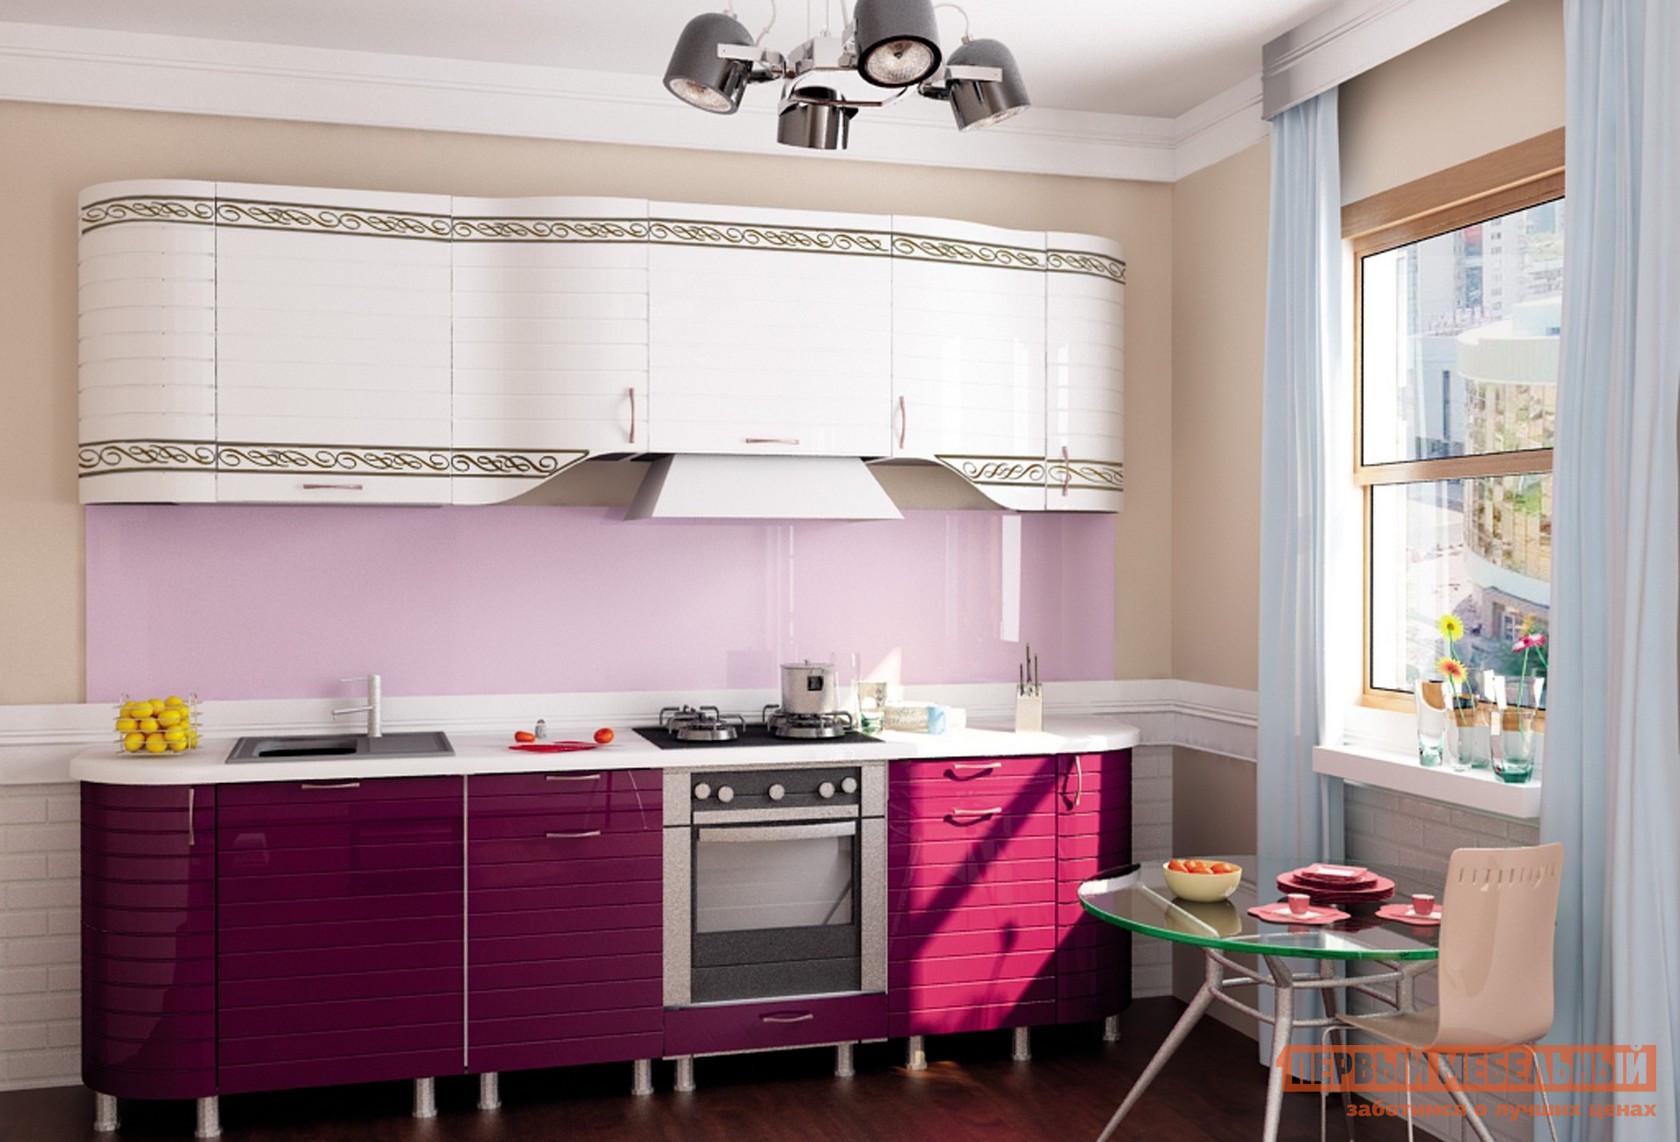 Кухонный гарнитур Любимый дом Анастасия 270 см кухонный гарнитур трия оливия 180 см